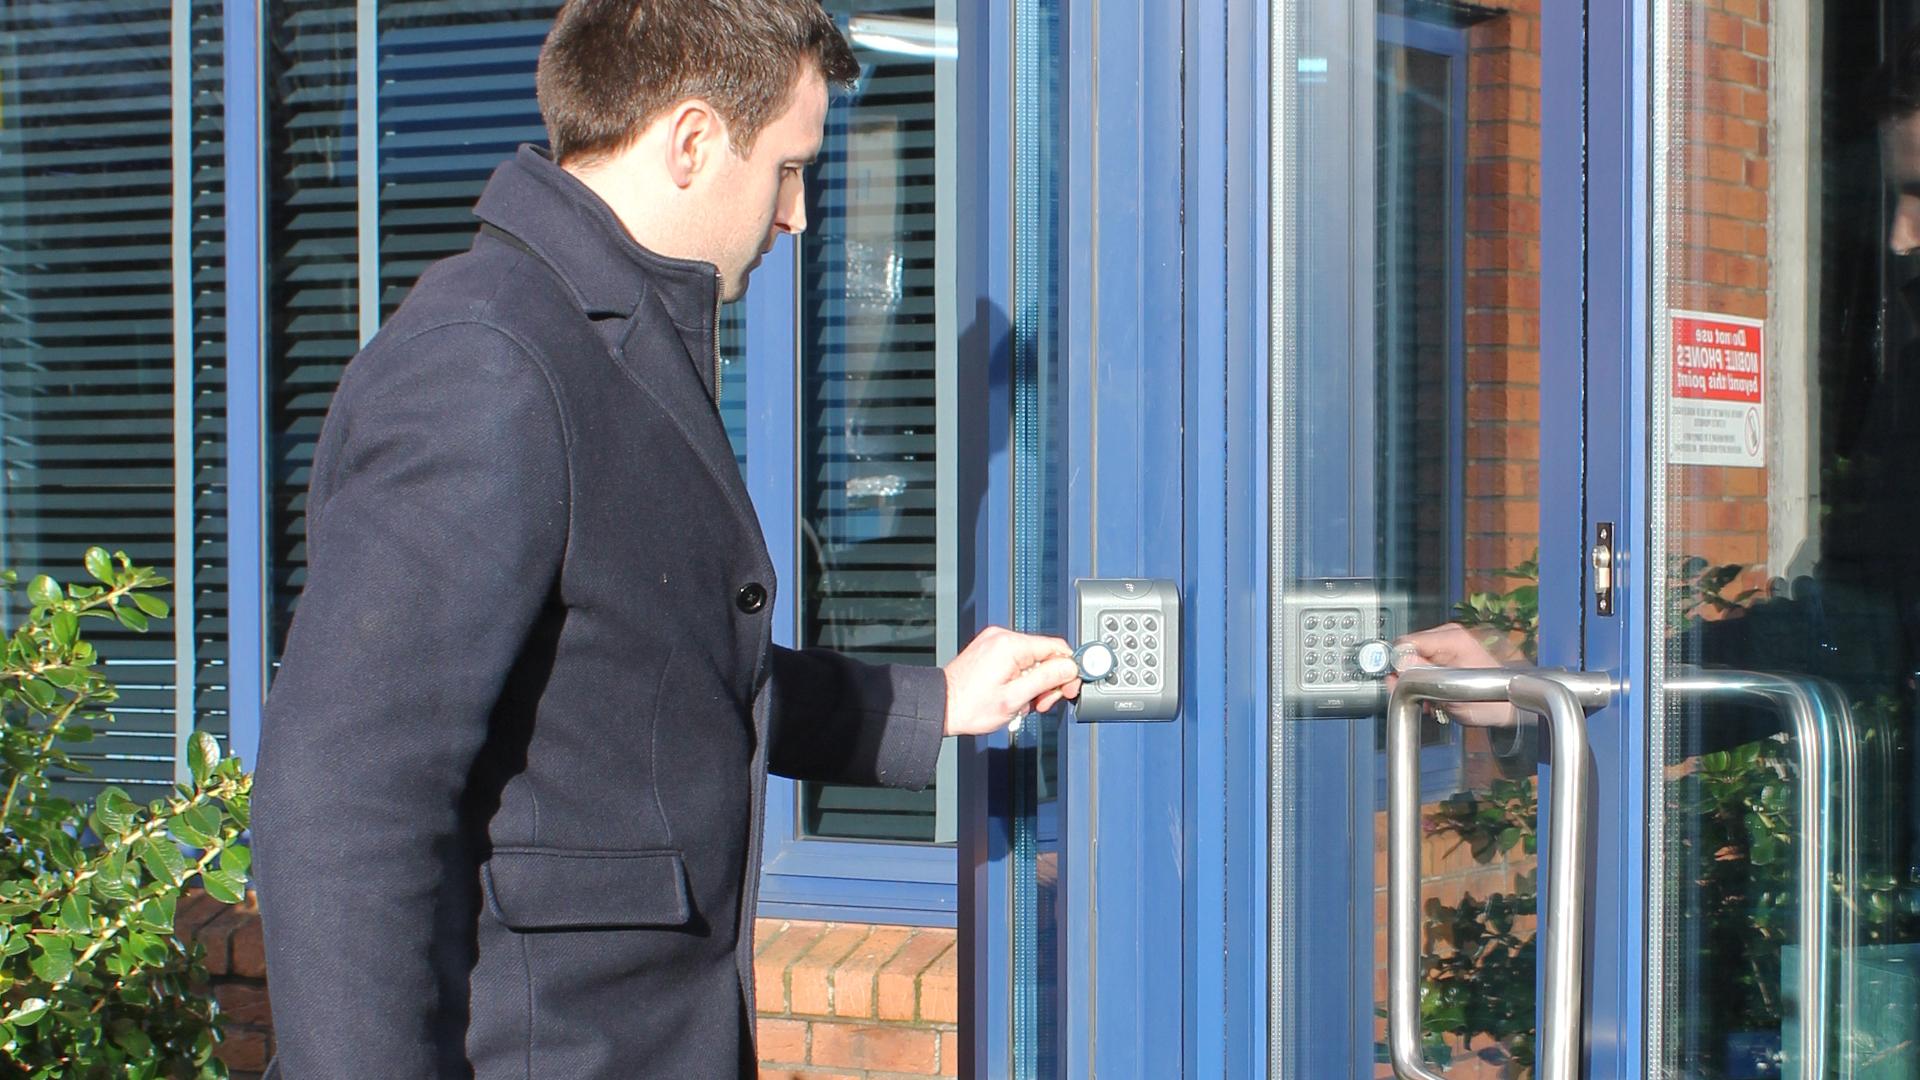 ADK-Teknik-Adgangskontrol-Doors